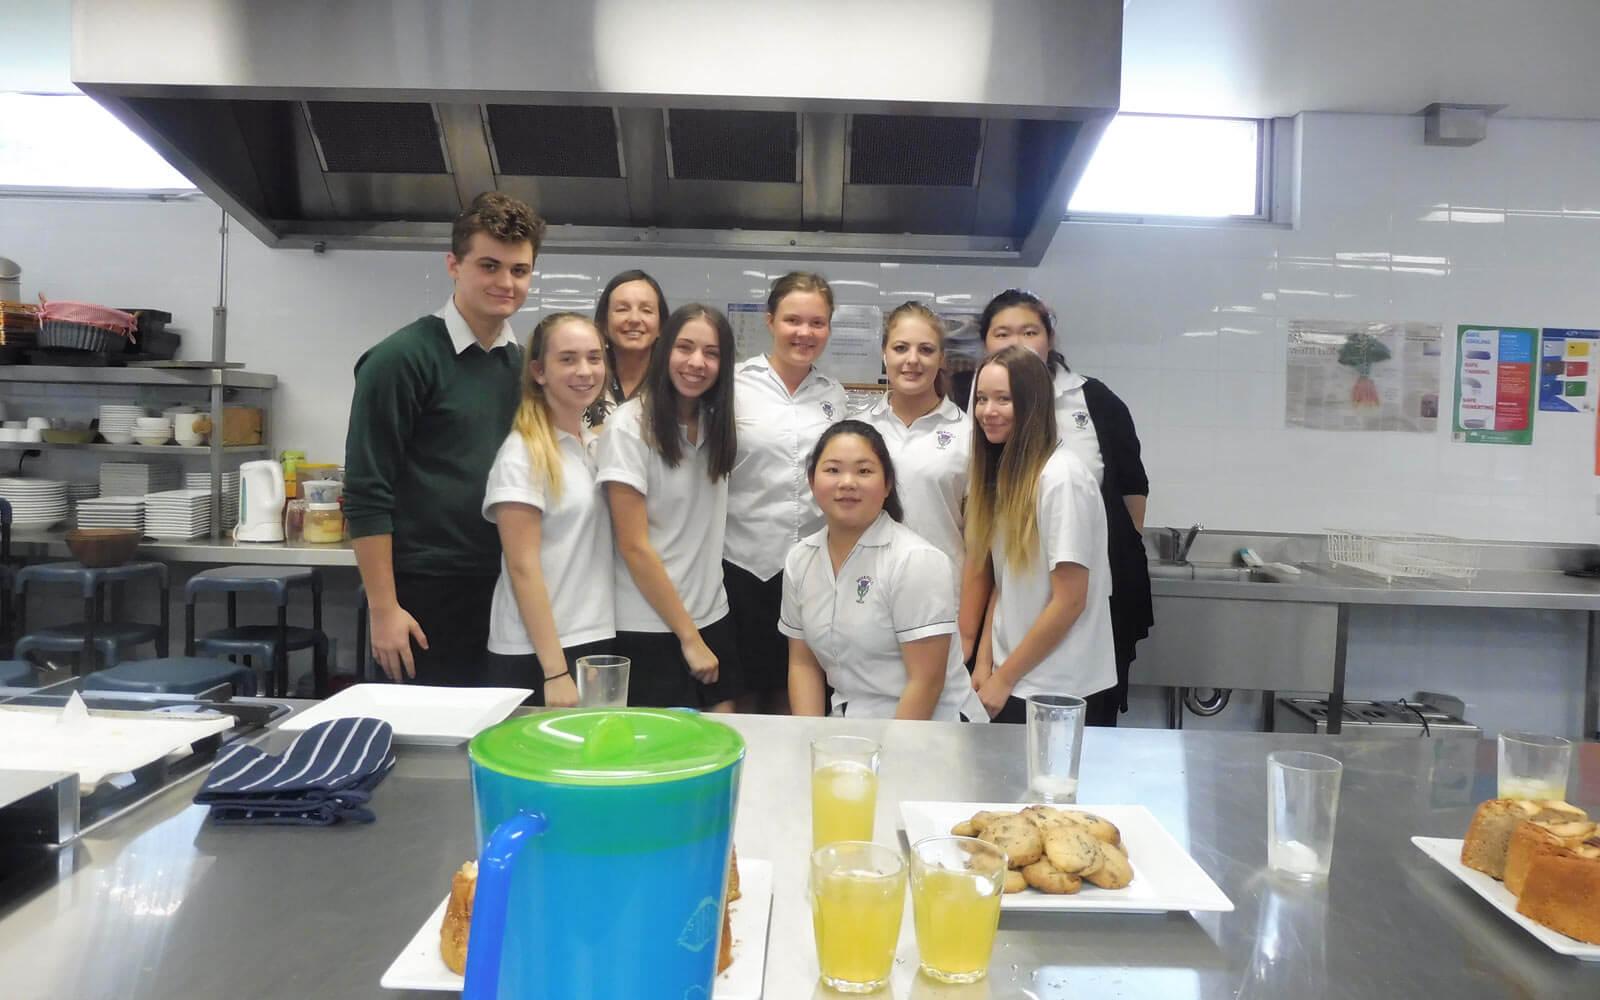 Stipendiatin Lara und ihre Schulfreunde bei einer Cooking Lesson